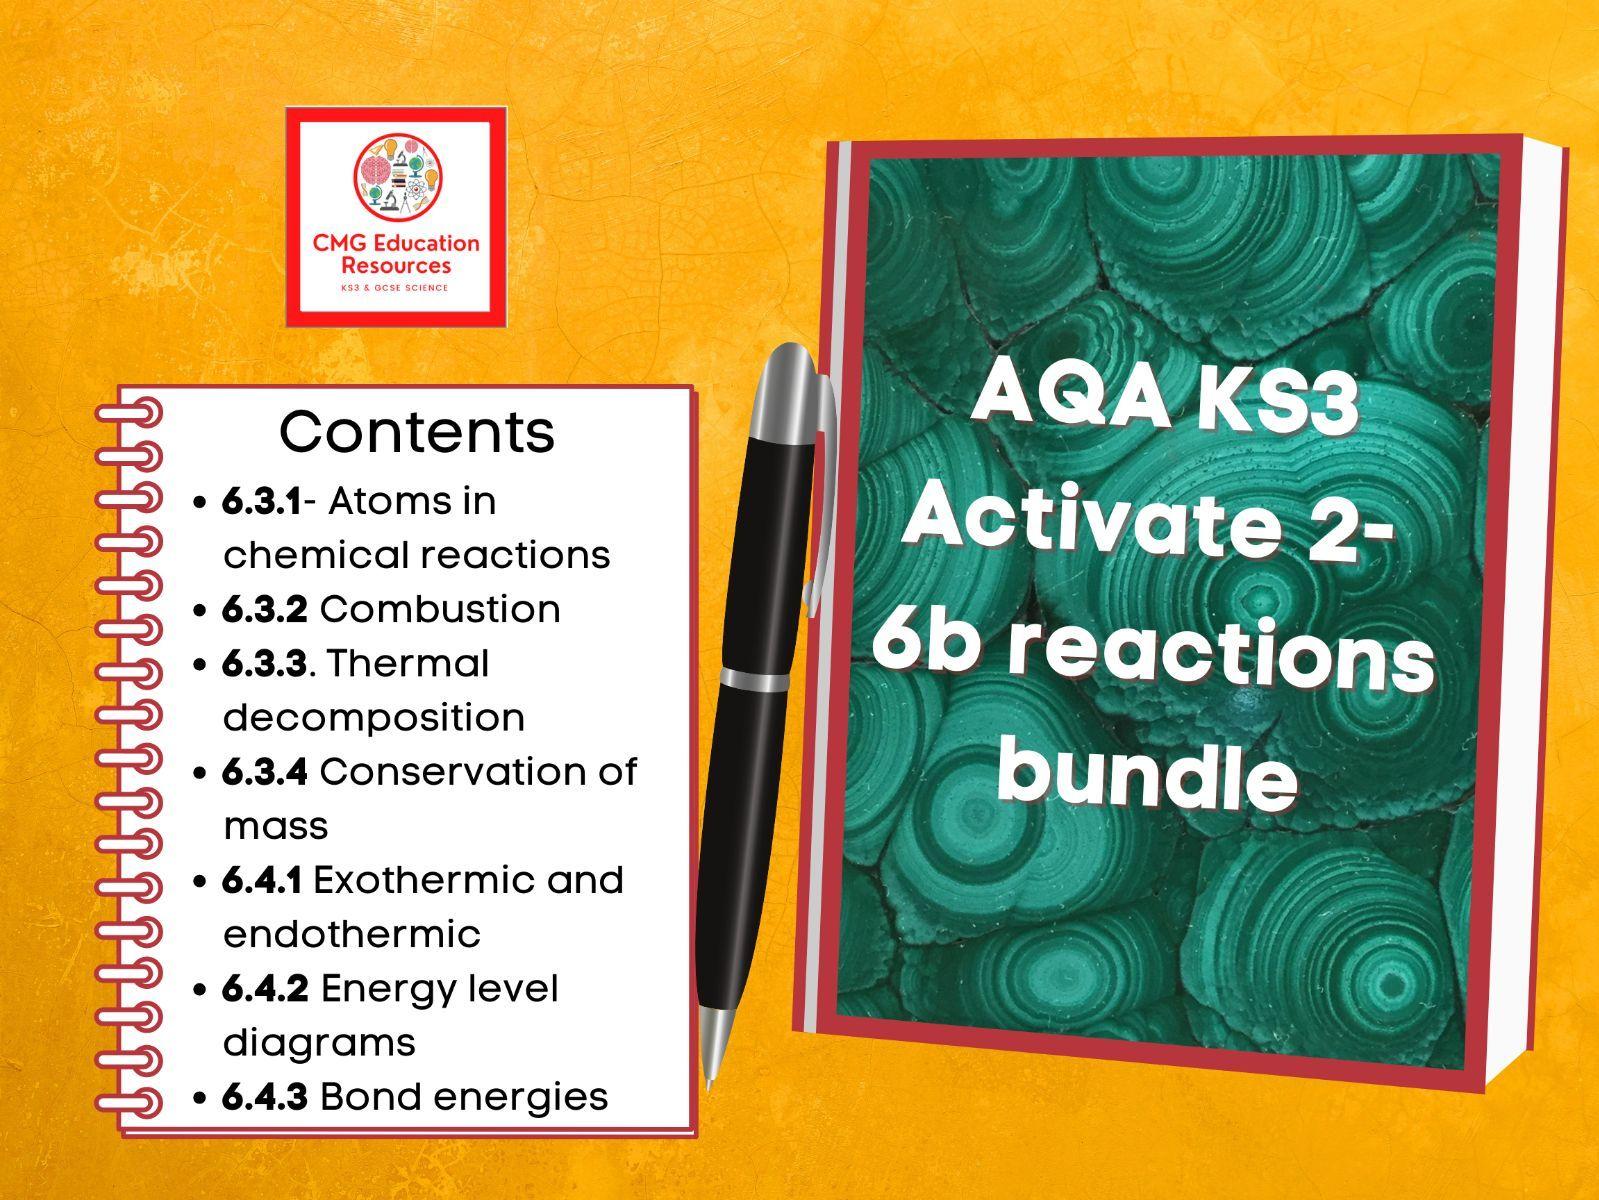 KS3 AQA Activate 2- 6b Reactions bundle